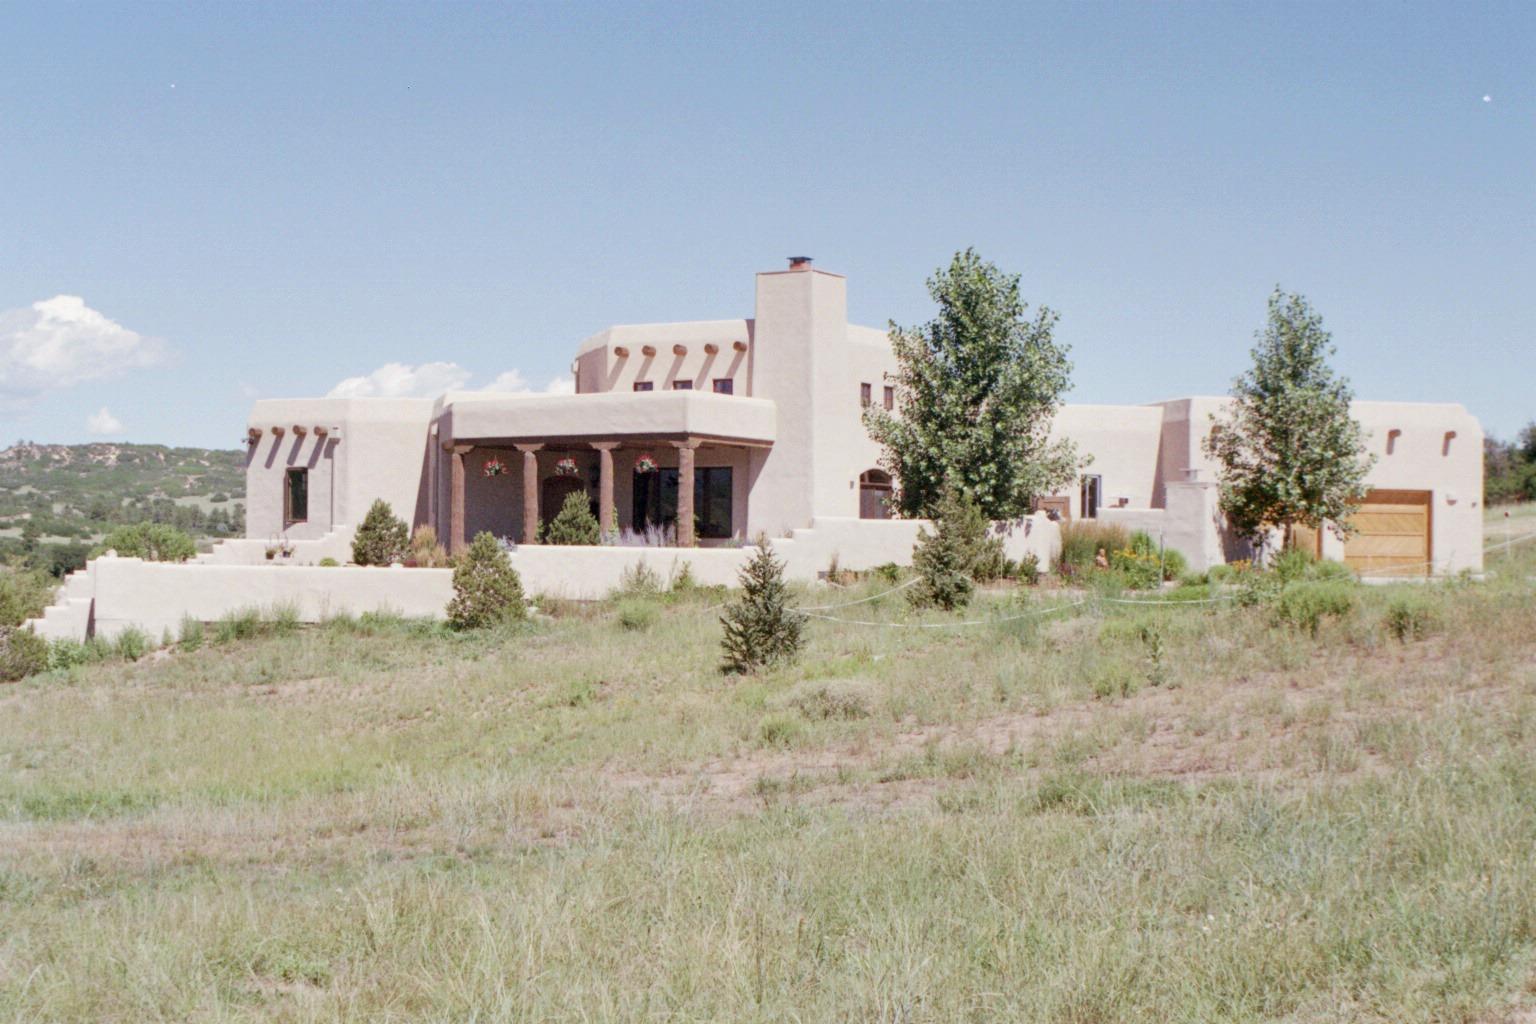 David Elfring Architect Santa Fe Style In Colorado Part 2